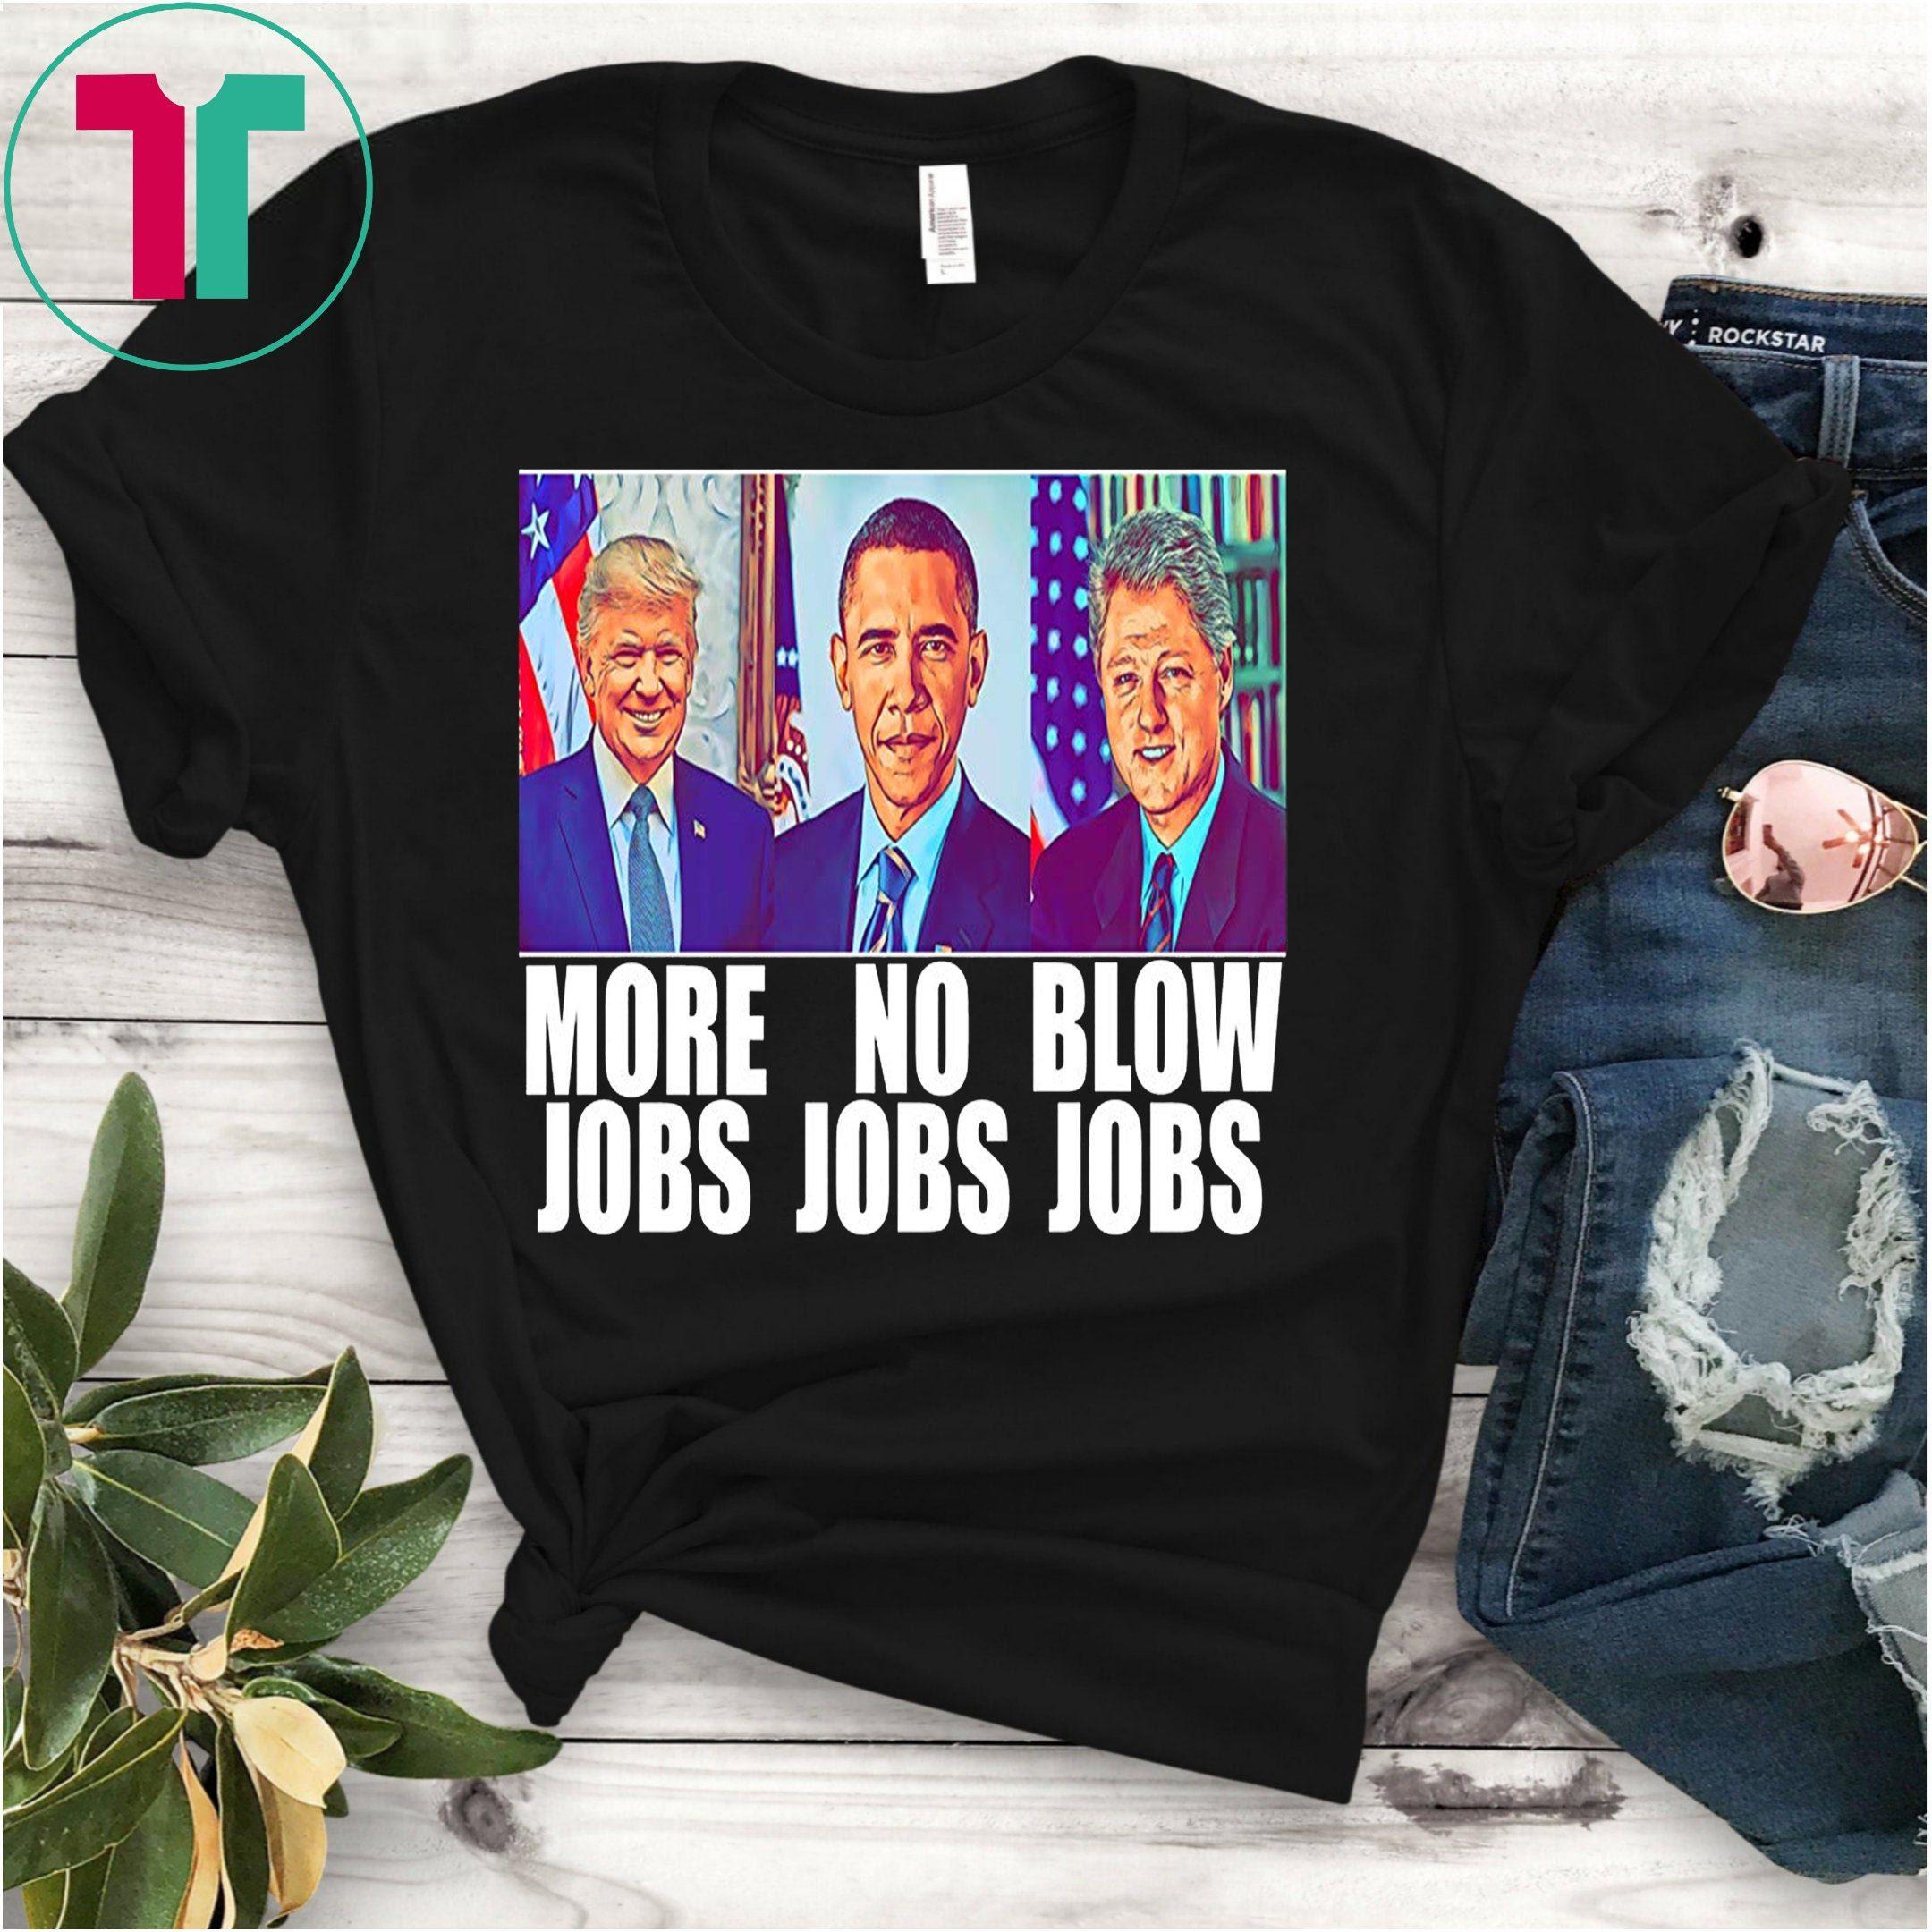 Cool Tee Trump More Jobs Obama No Jobs Bill Clinton Blow Jobs Great Tshirt Funny